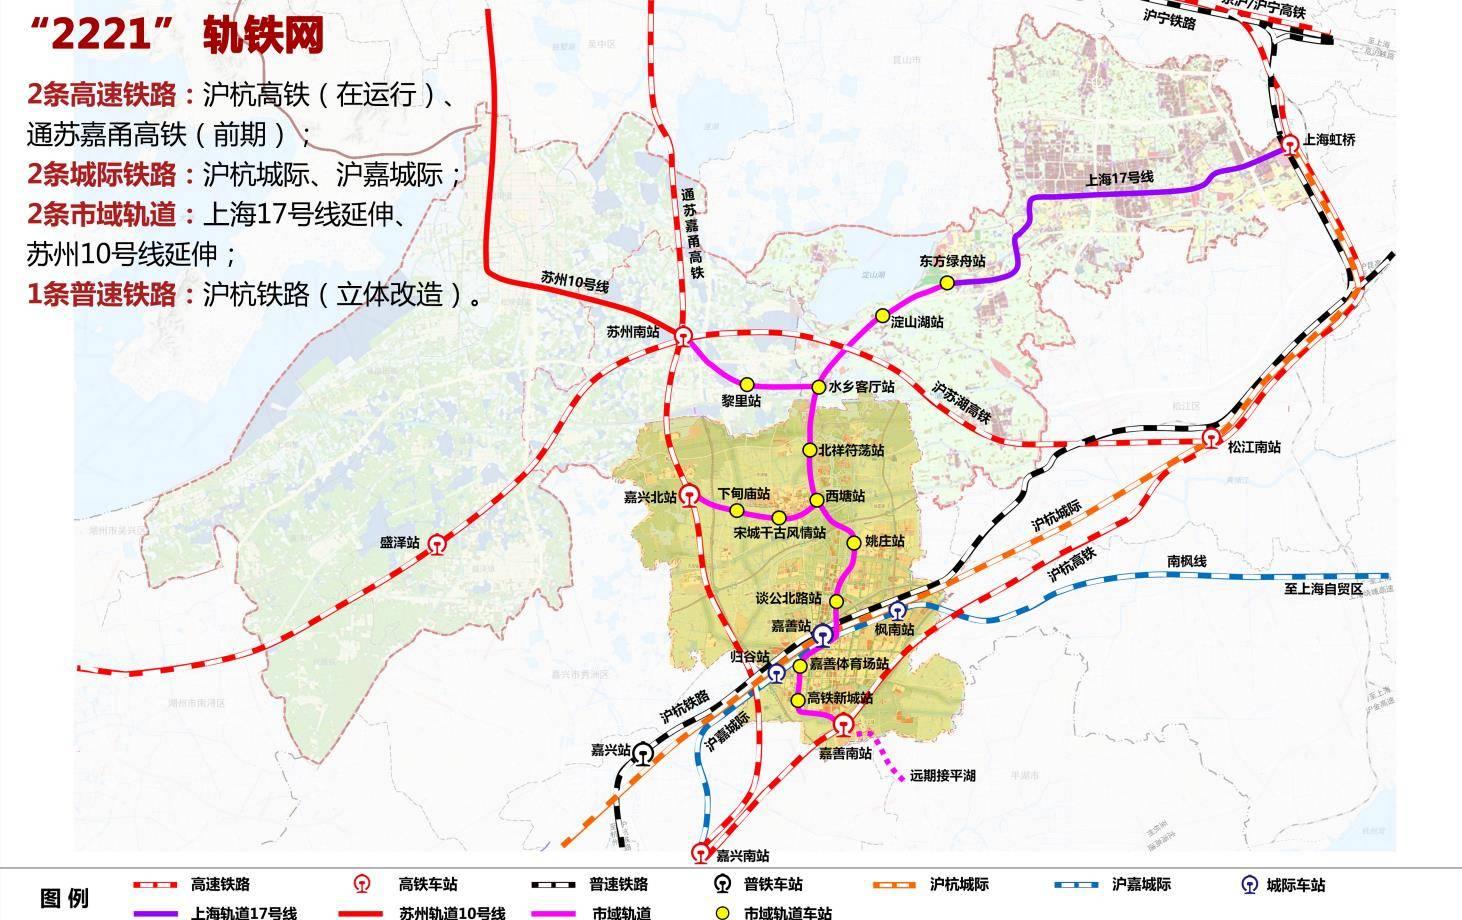 上海地铁将跨省 落后12年的嘉兴能赶上苏州吗